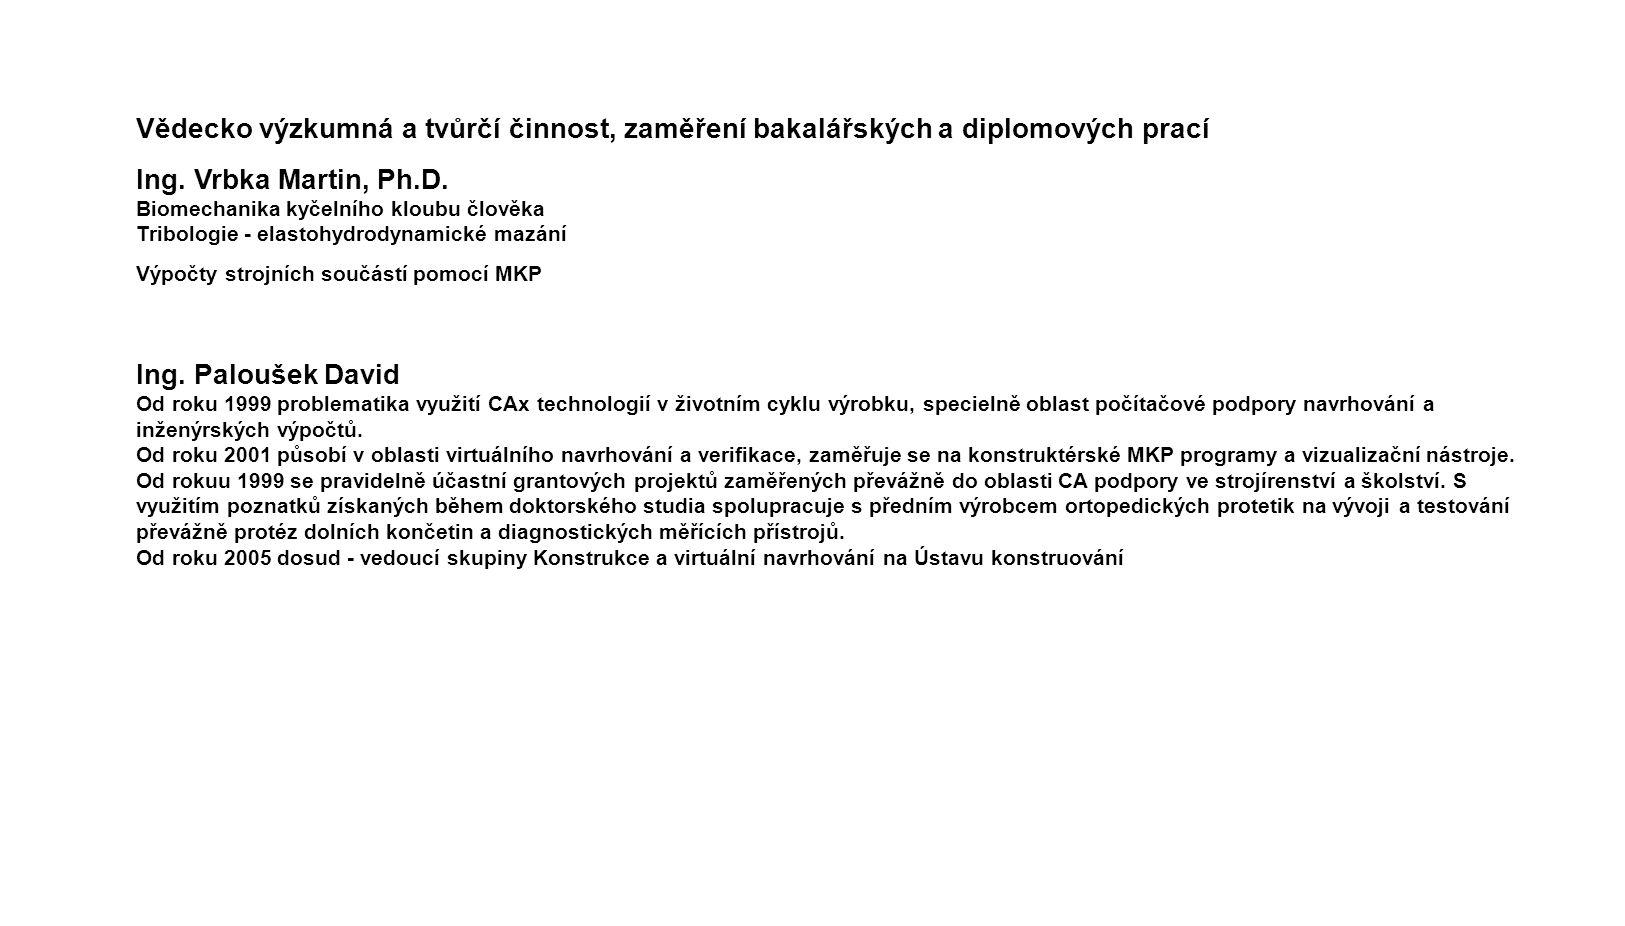 Vědecko výzkumná a tvůrčí činnost, zaměření bakalářských a diplomových prací Ing.